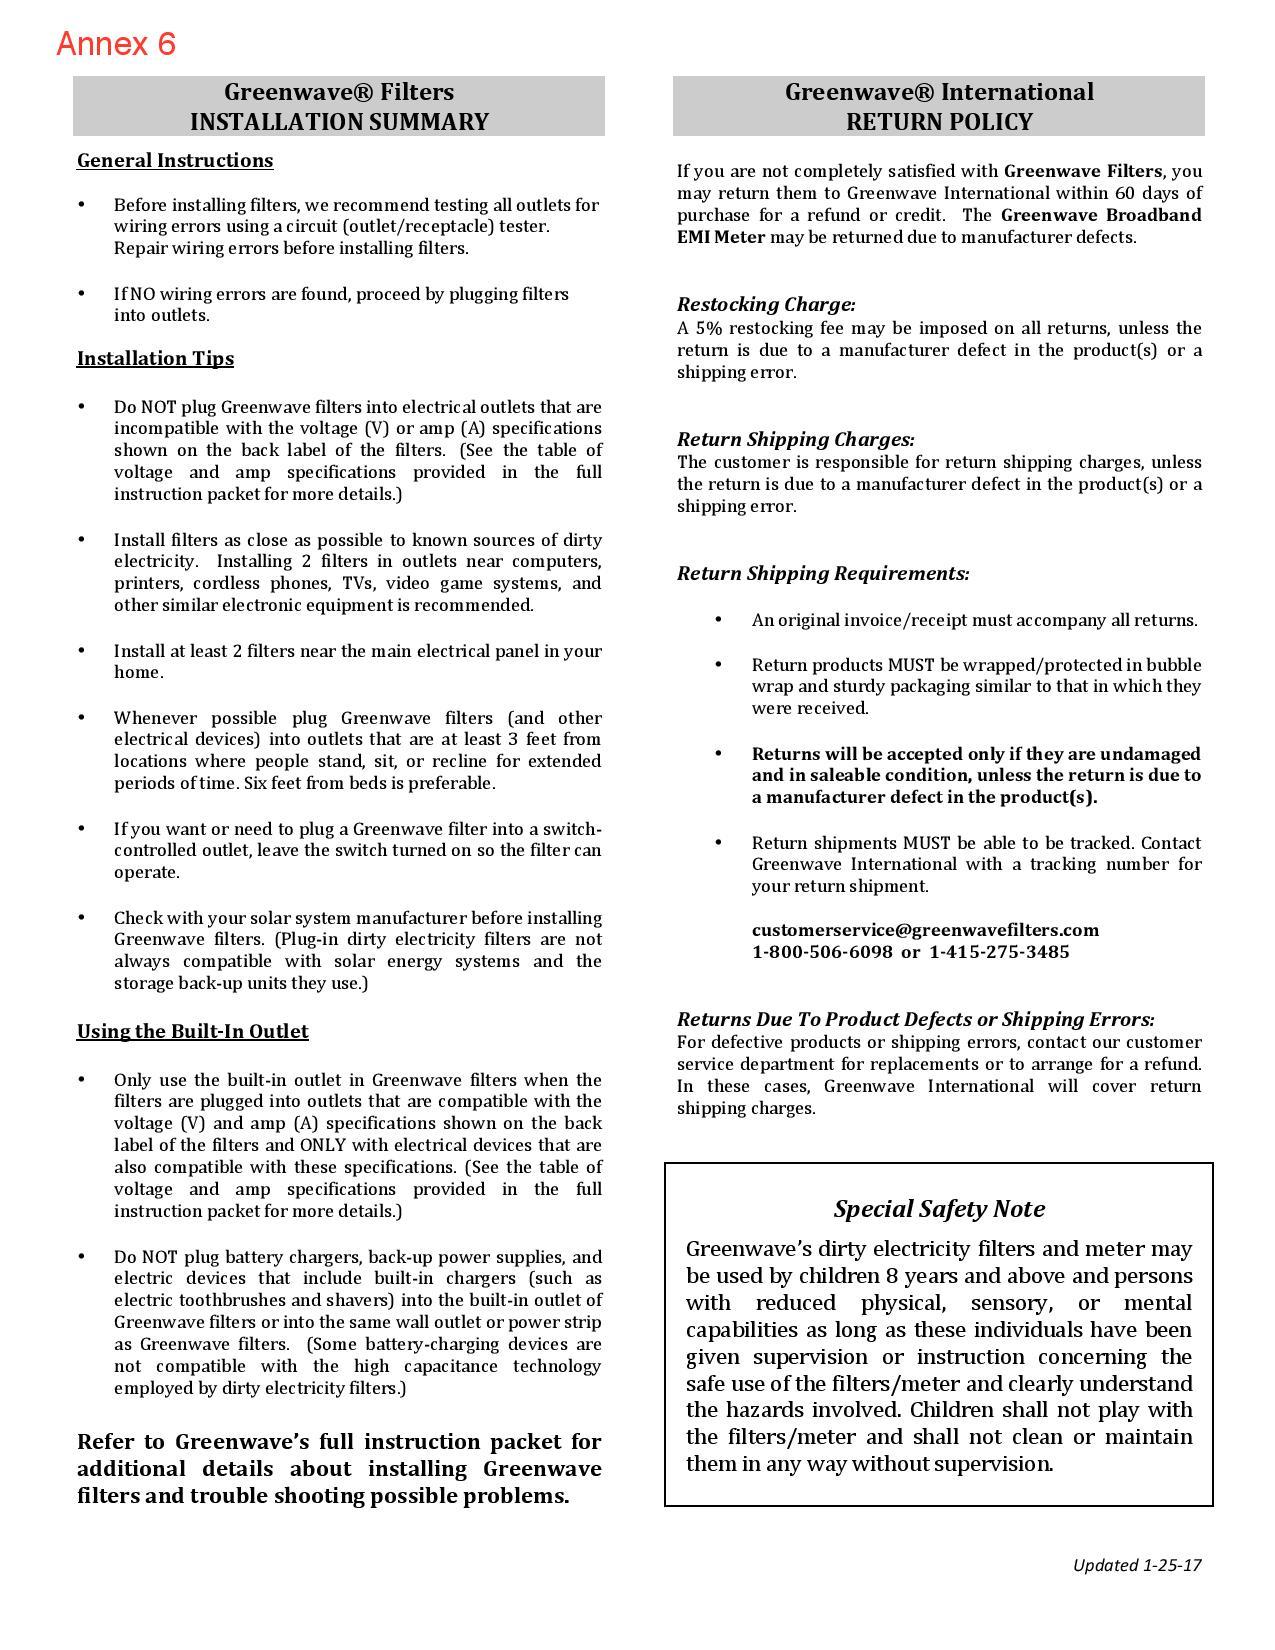 Annex 6 Greenwave-Filter copie-page-007.jpg